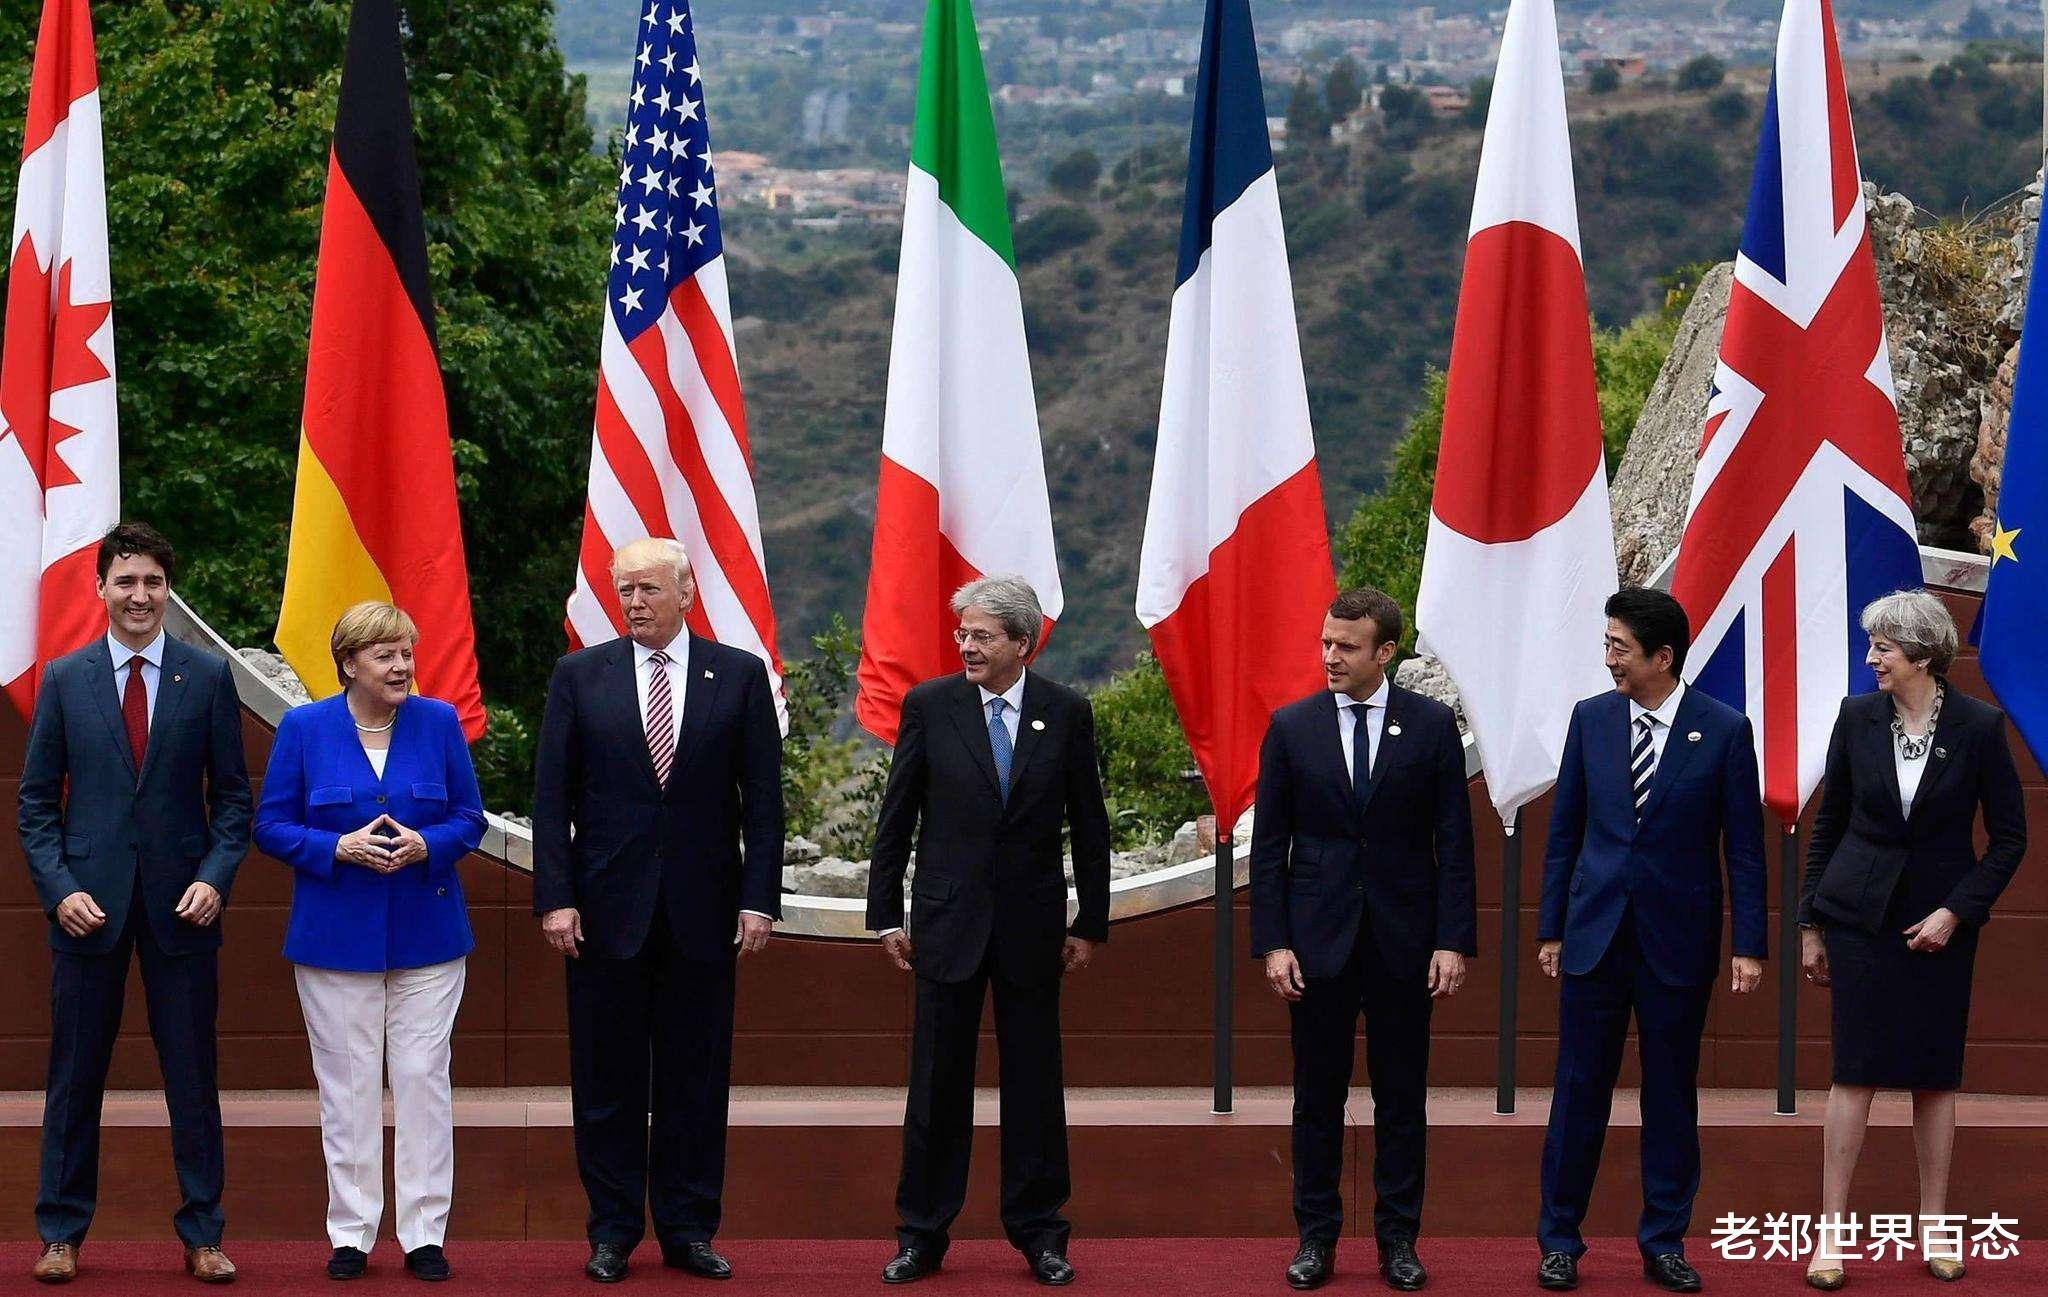 美國為何敢挑戰全世界?主要有三大原因,其中一條中俄都做不到-圖4